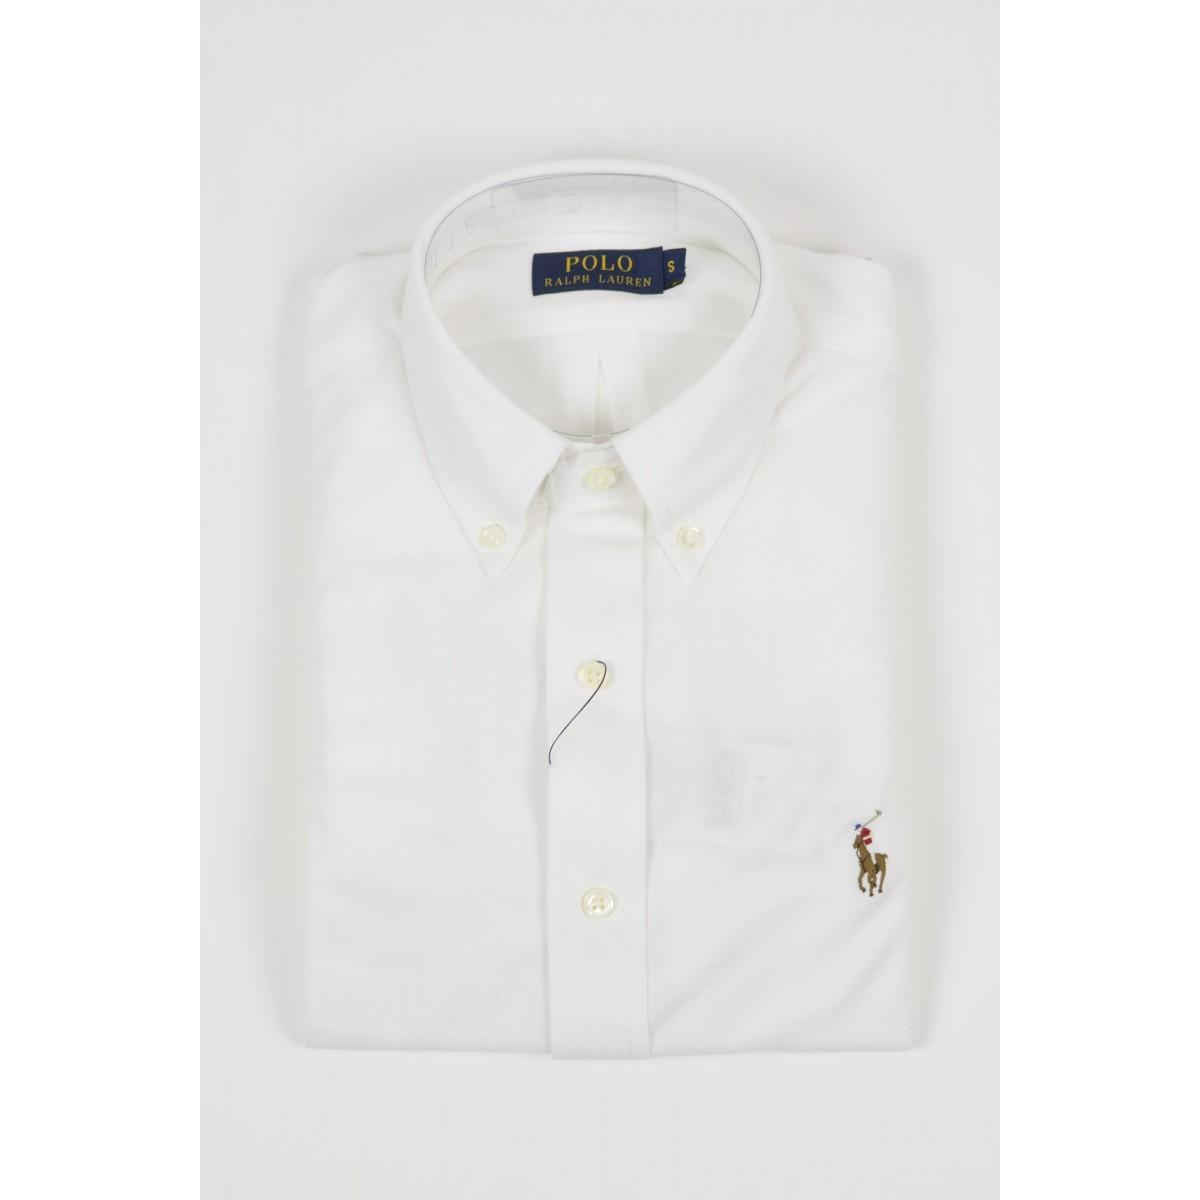 Camicia uomo Ralph lauren - A18kscn7cggfq A1CR2